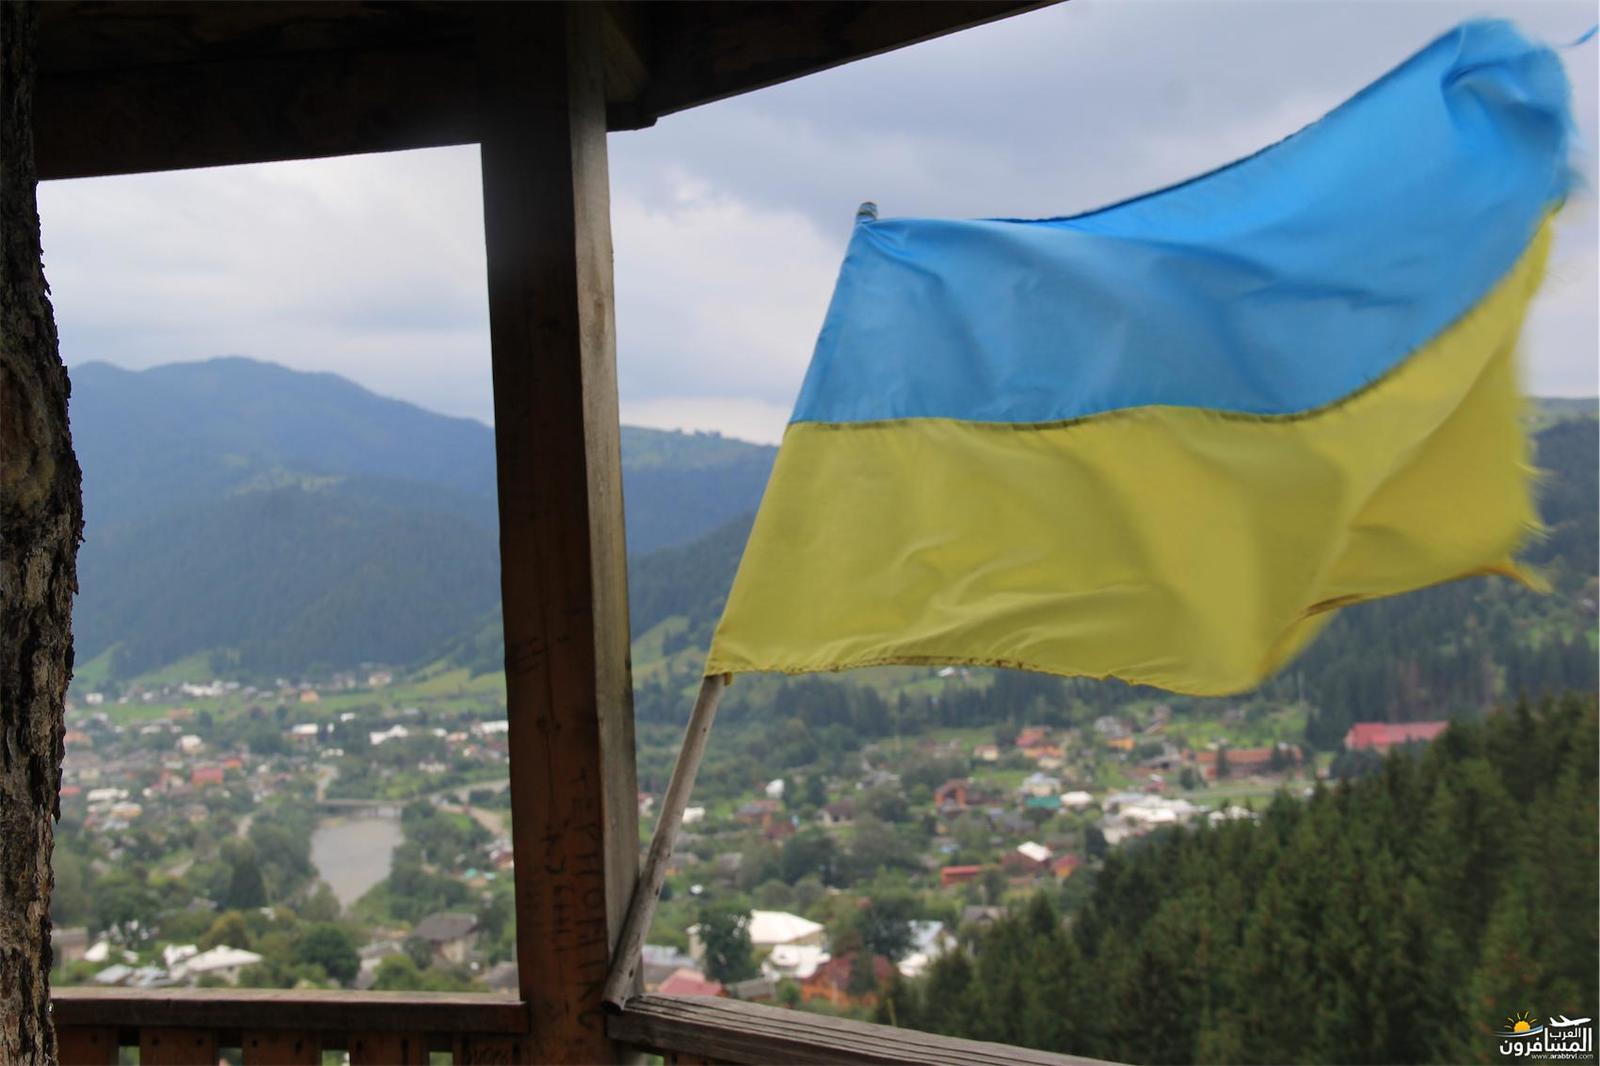 580352 المسافرون العرب مدينة لفيف غرب أوكرانيا